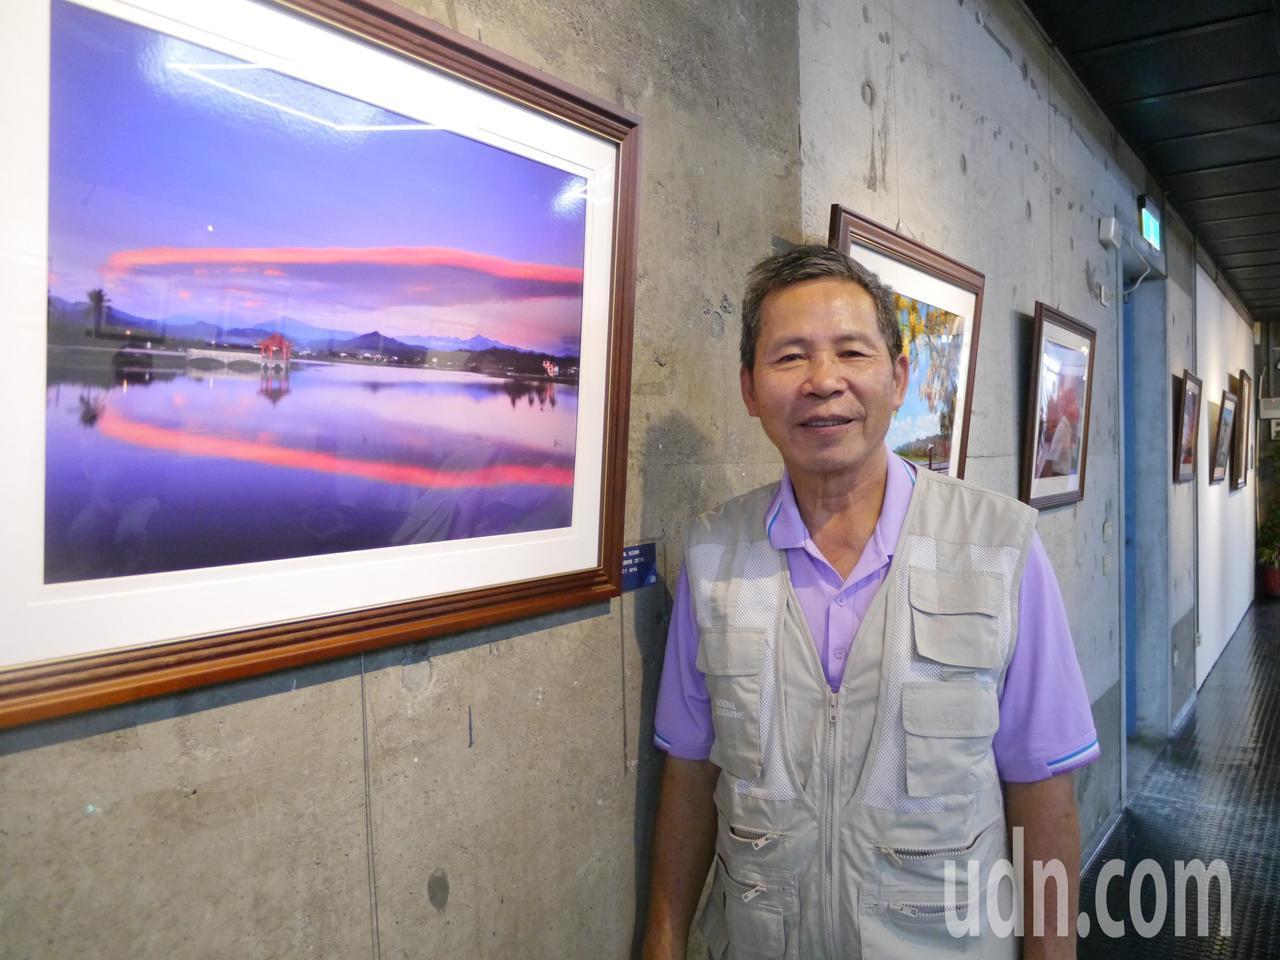 退休老師鍾北鳳喜歡用相機記錄風景與人文,身旁照片是高市美濃湖的夕陽景色。記者徐白...